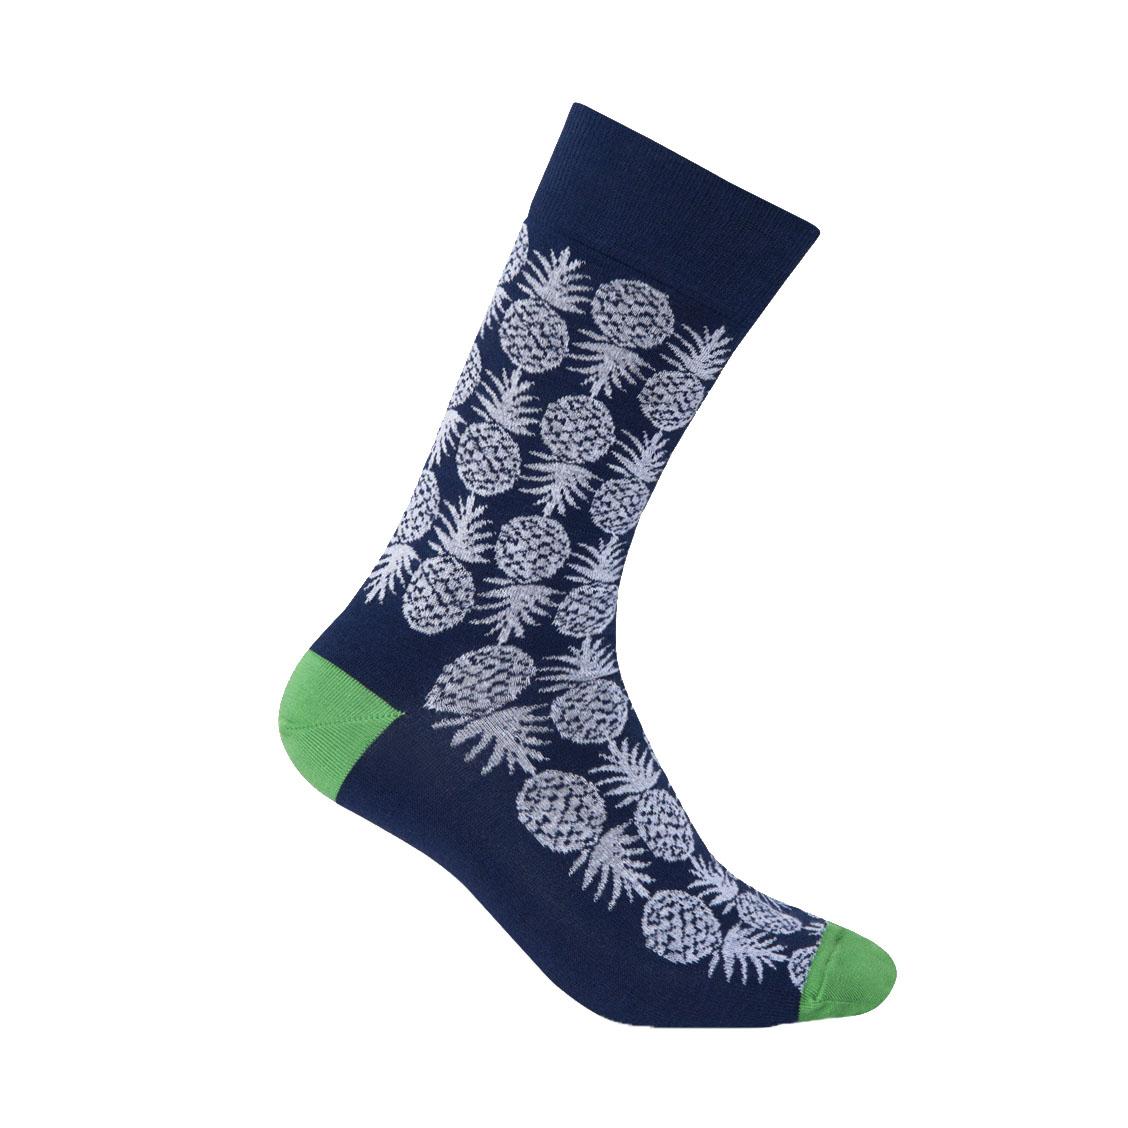 Chaussettes  en coton stretch bleu marine à motifs ananas blancs